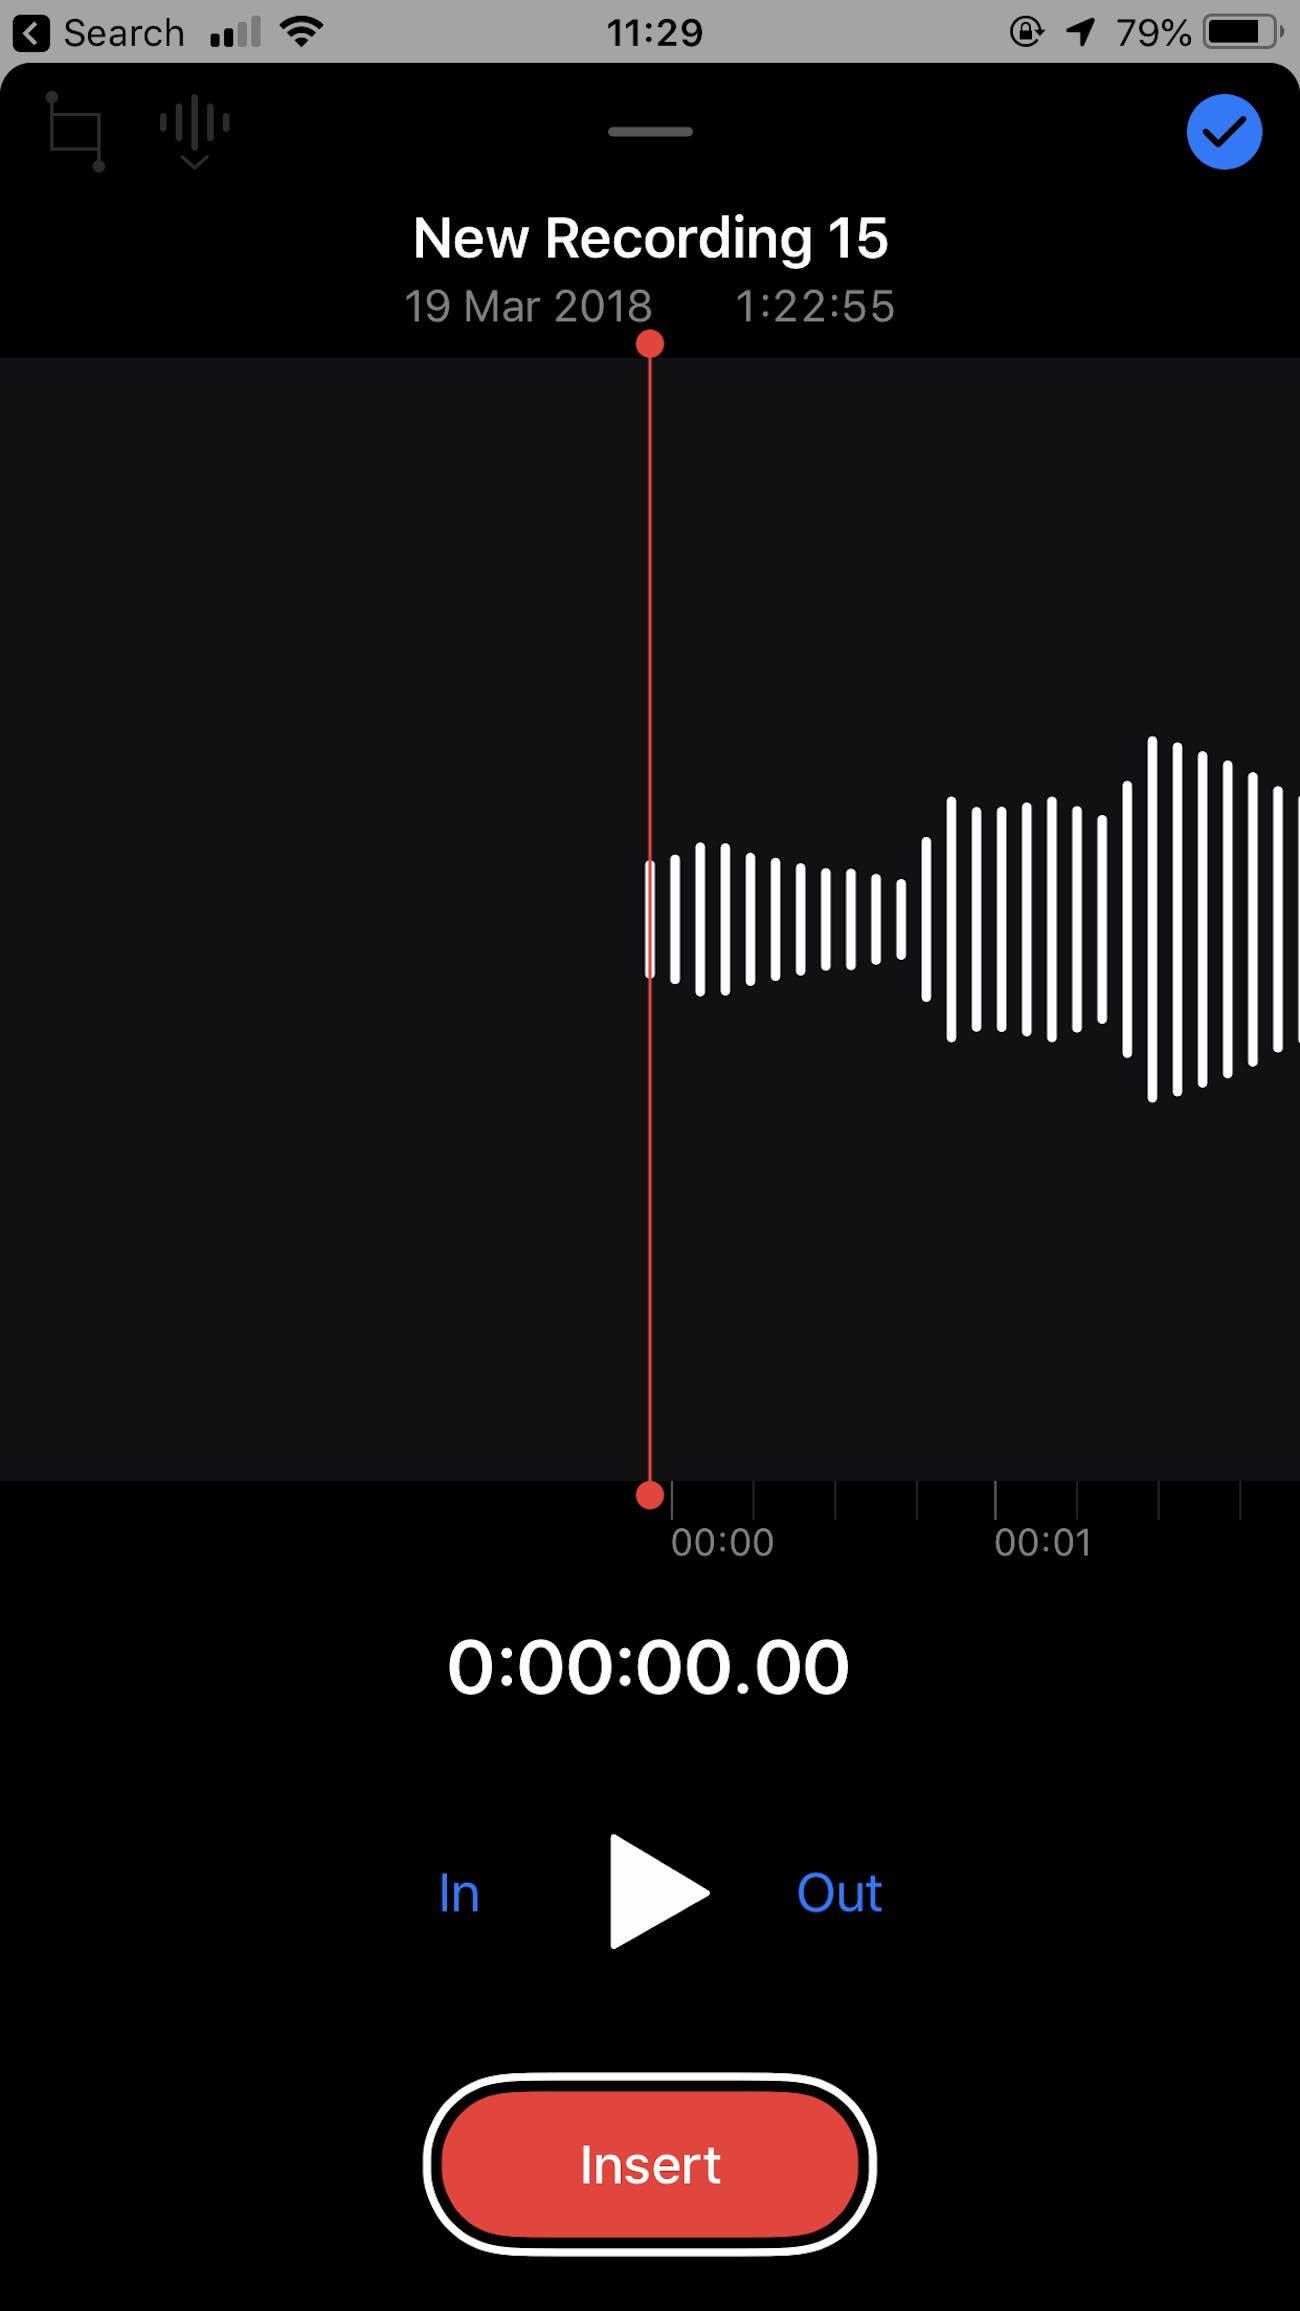 Voice Memos interface.